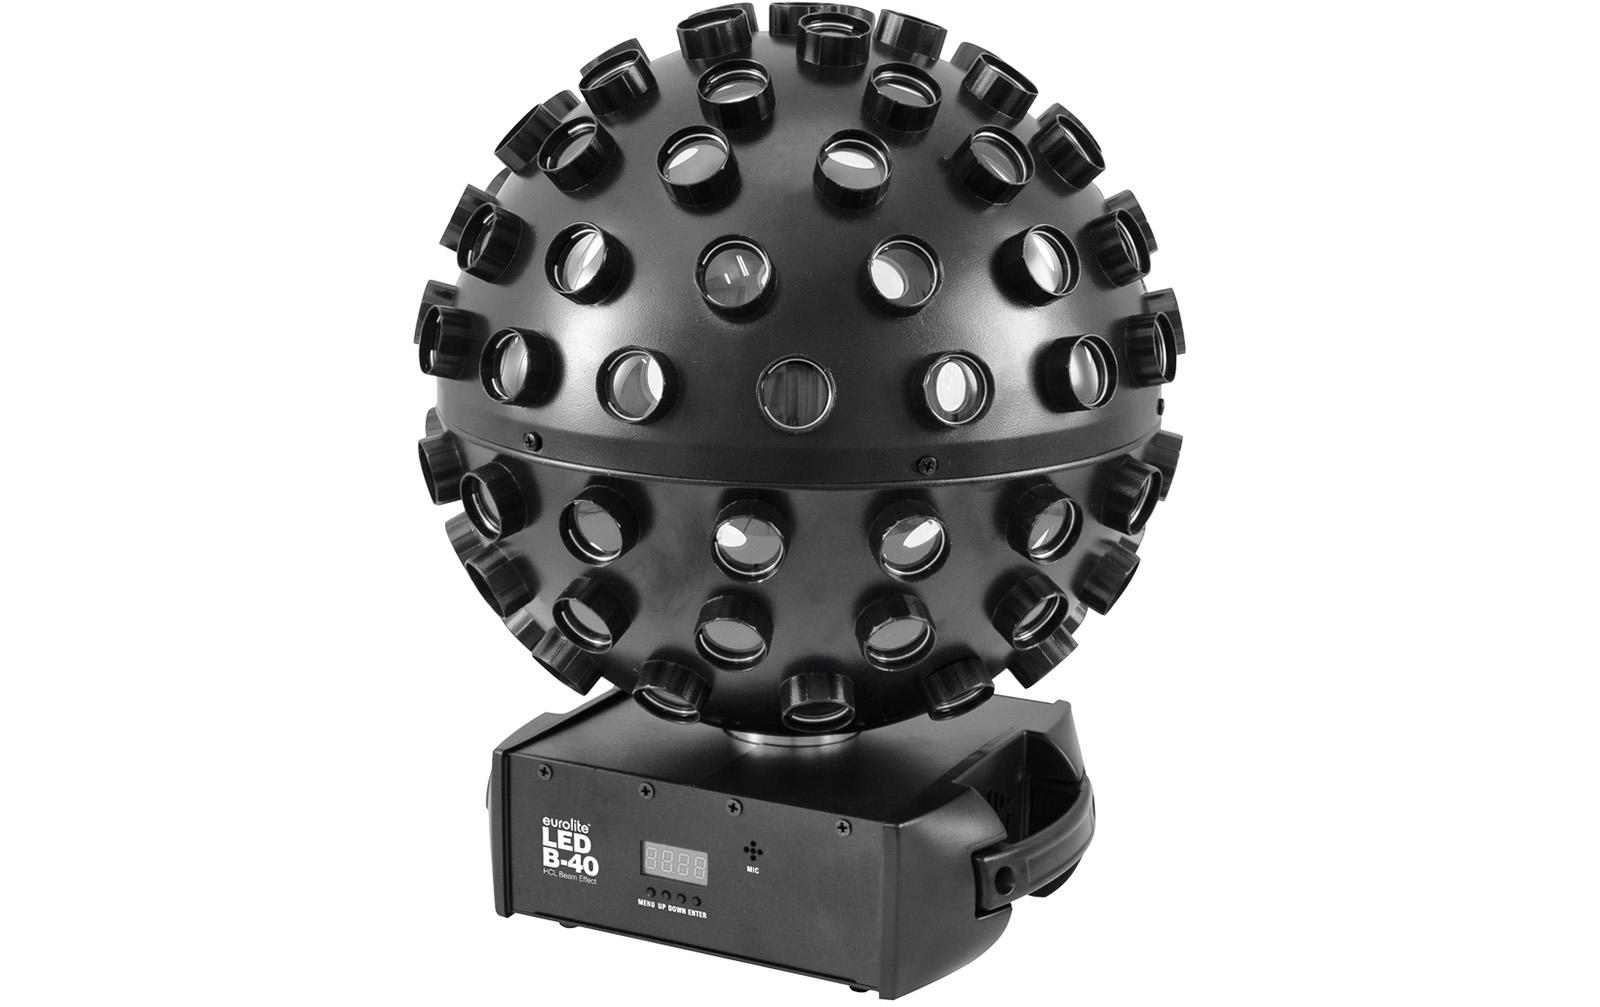 eurolite-led-b-40-hcl-strahleneffekt